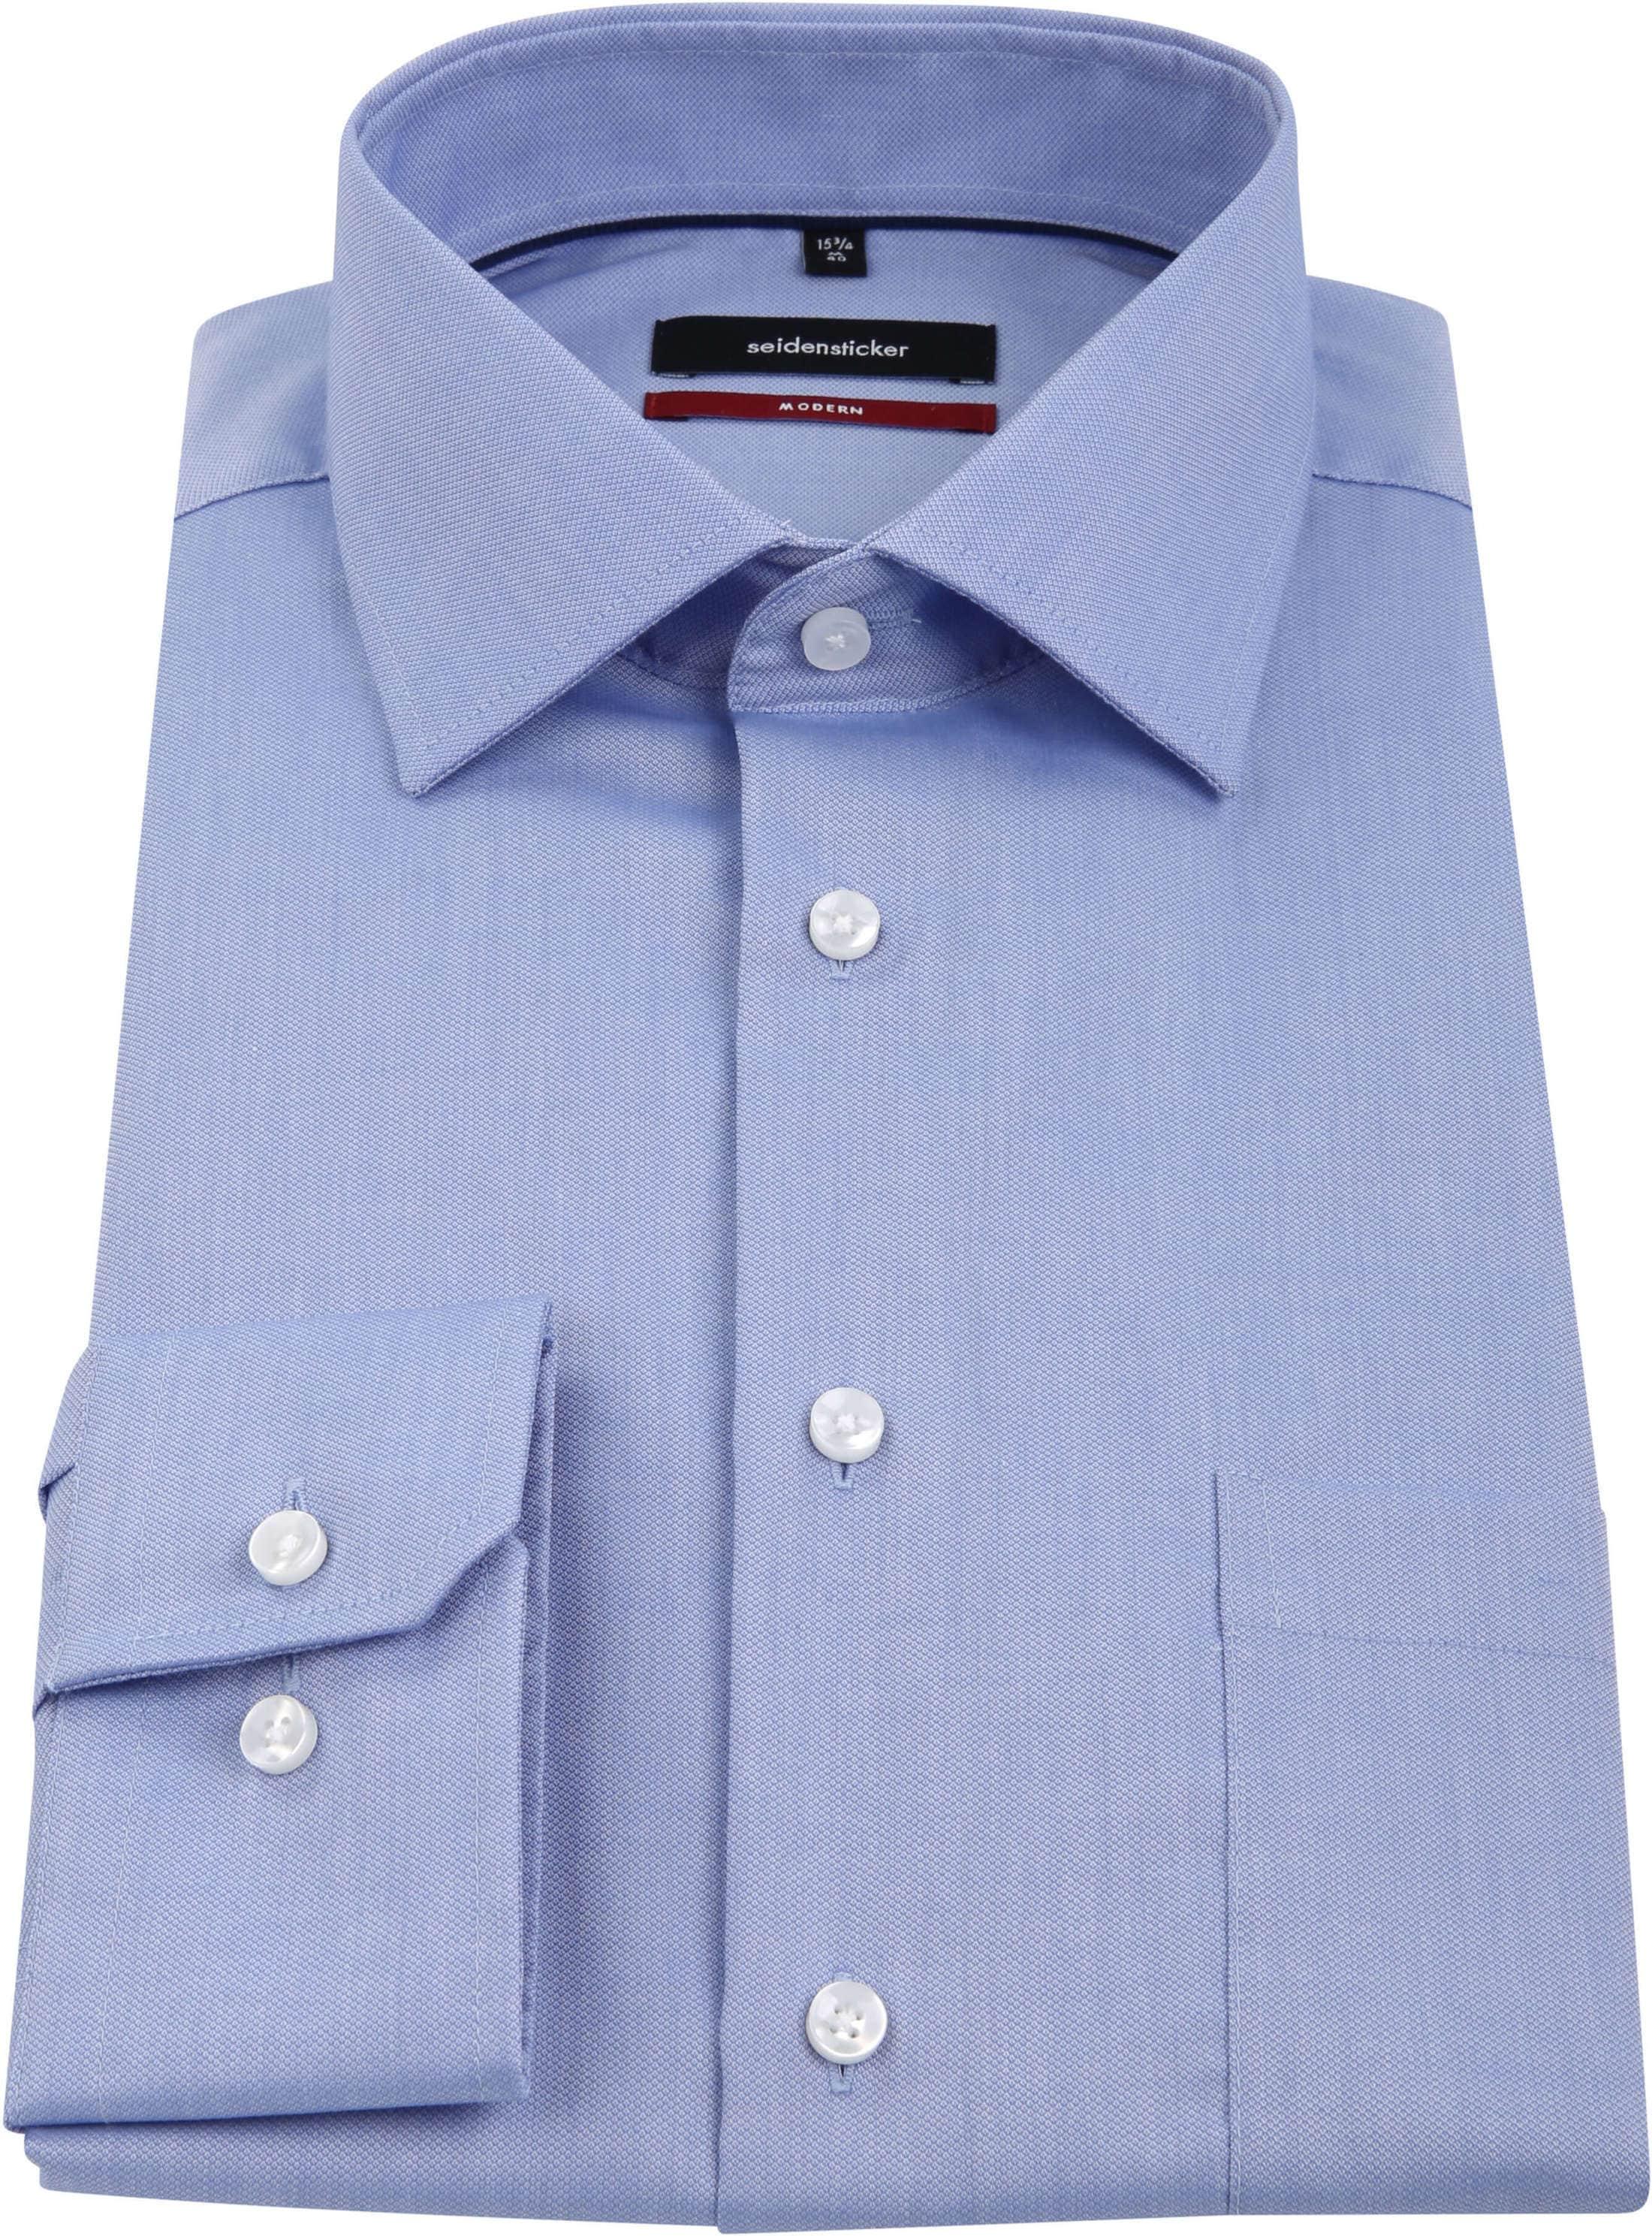 Seidensticker Overhemd MF Blauw foto 2